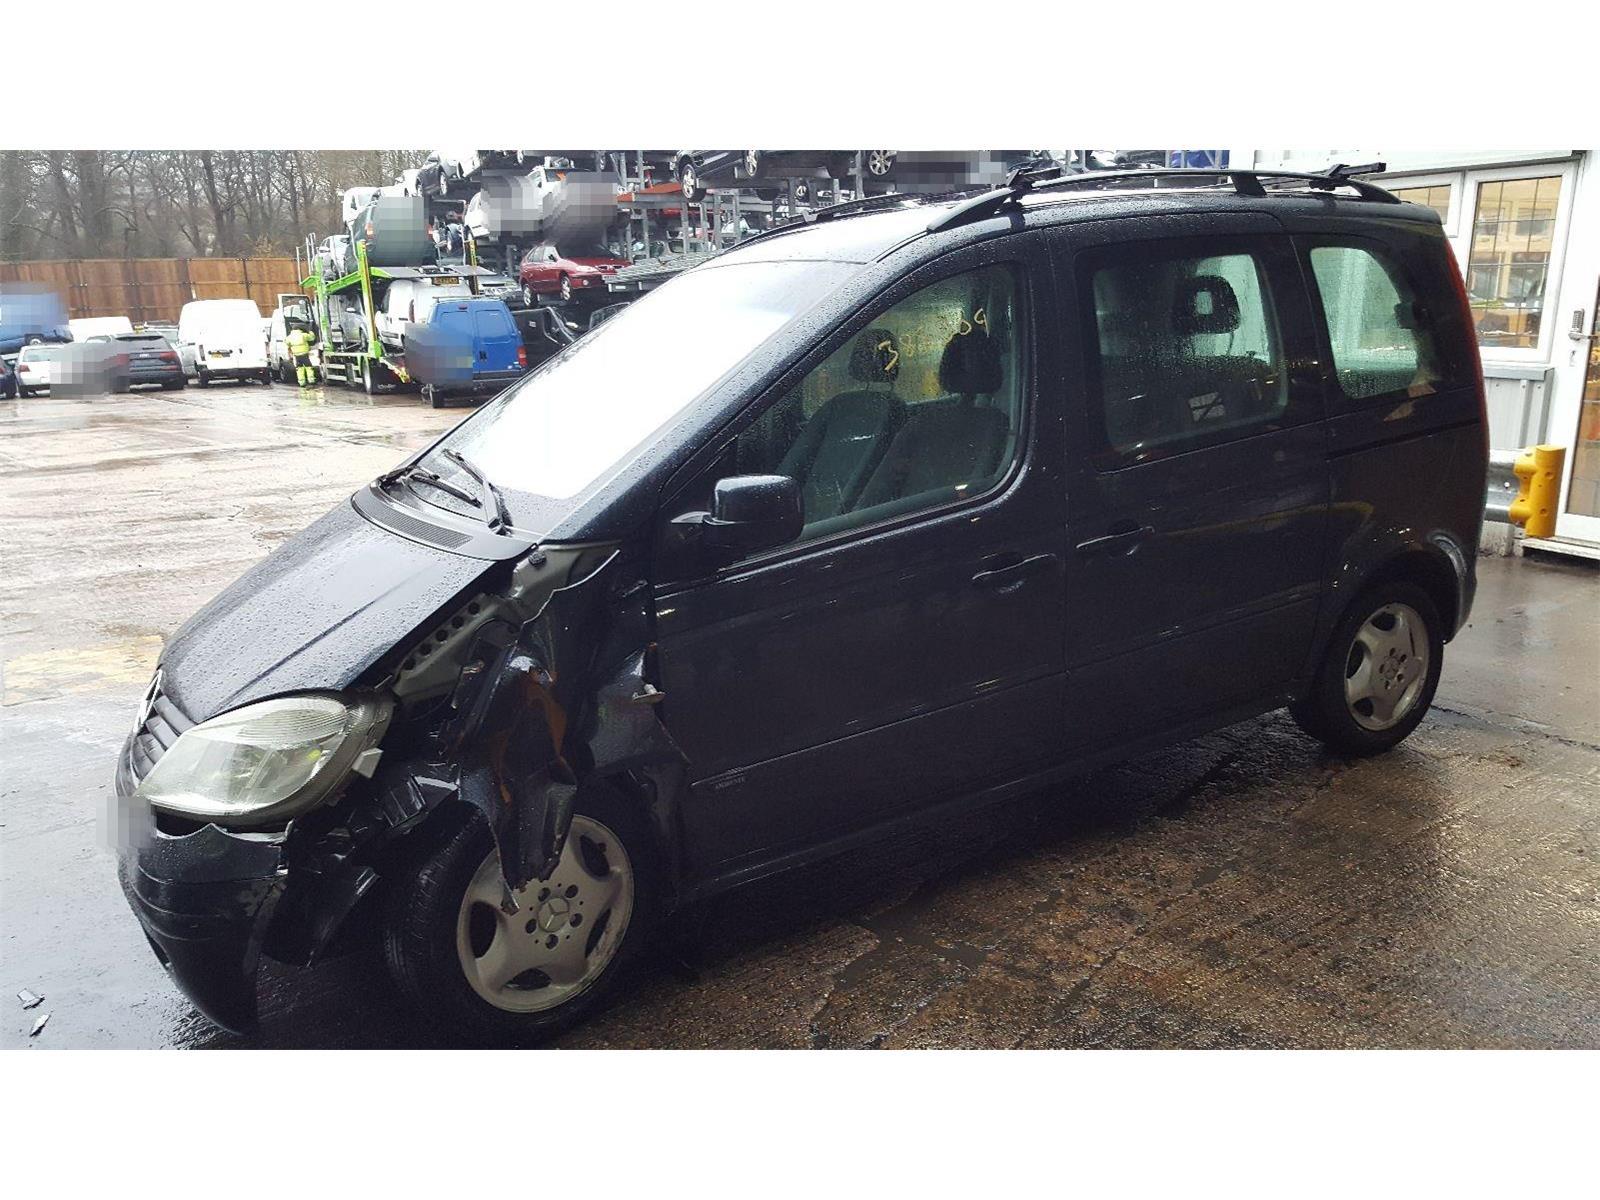 Mercedes-Benz Vaneo 2002 To 2005 Ambiente CDi Mirror Rear View